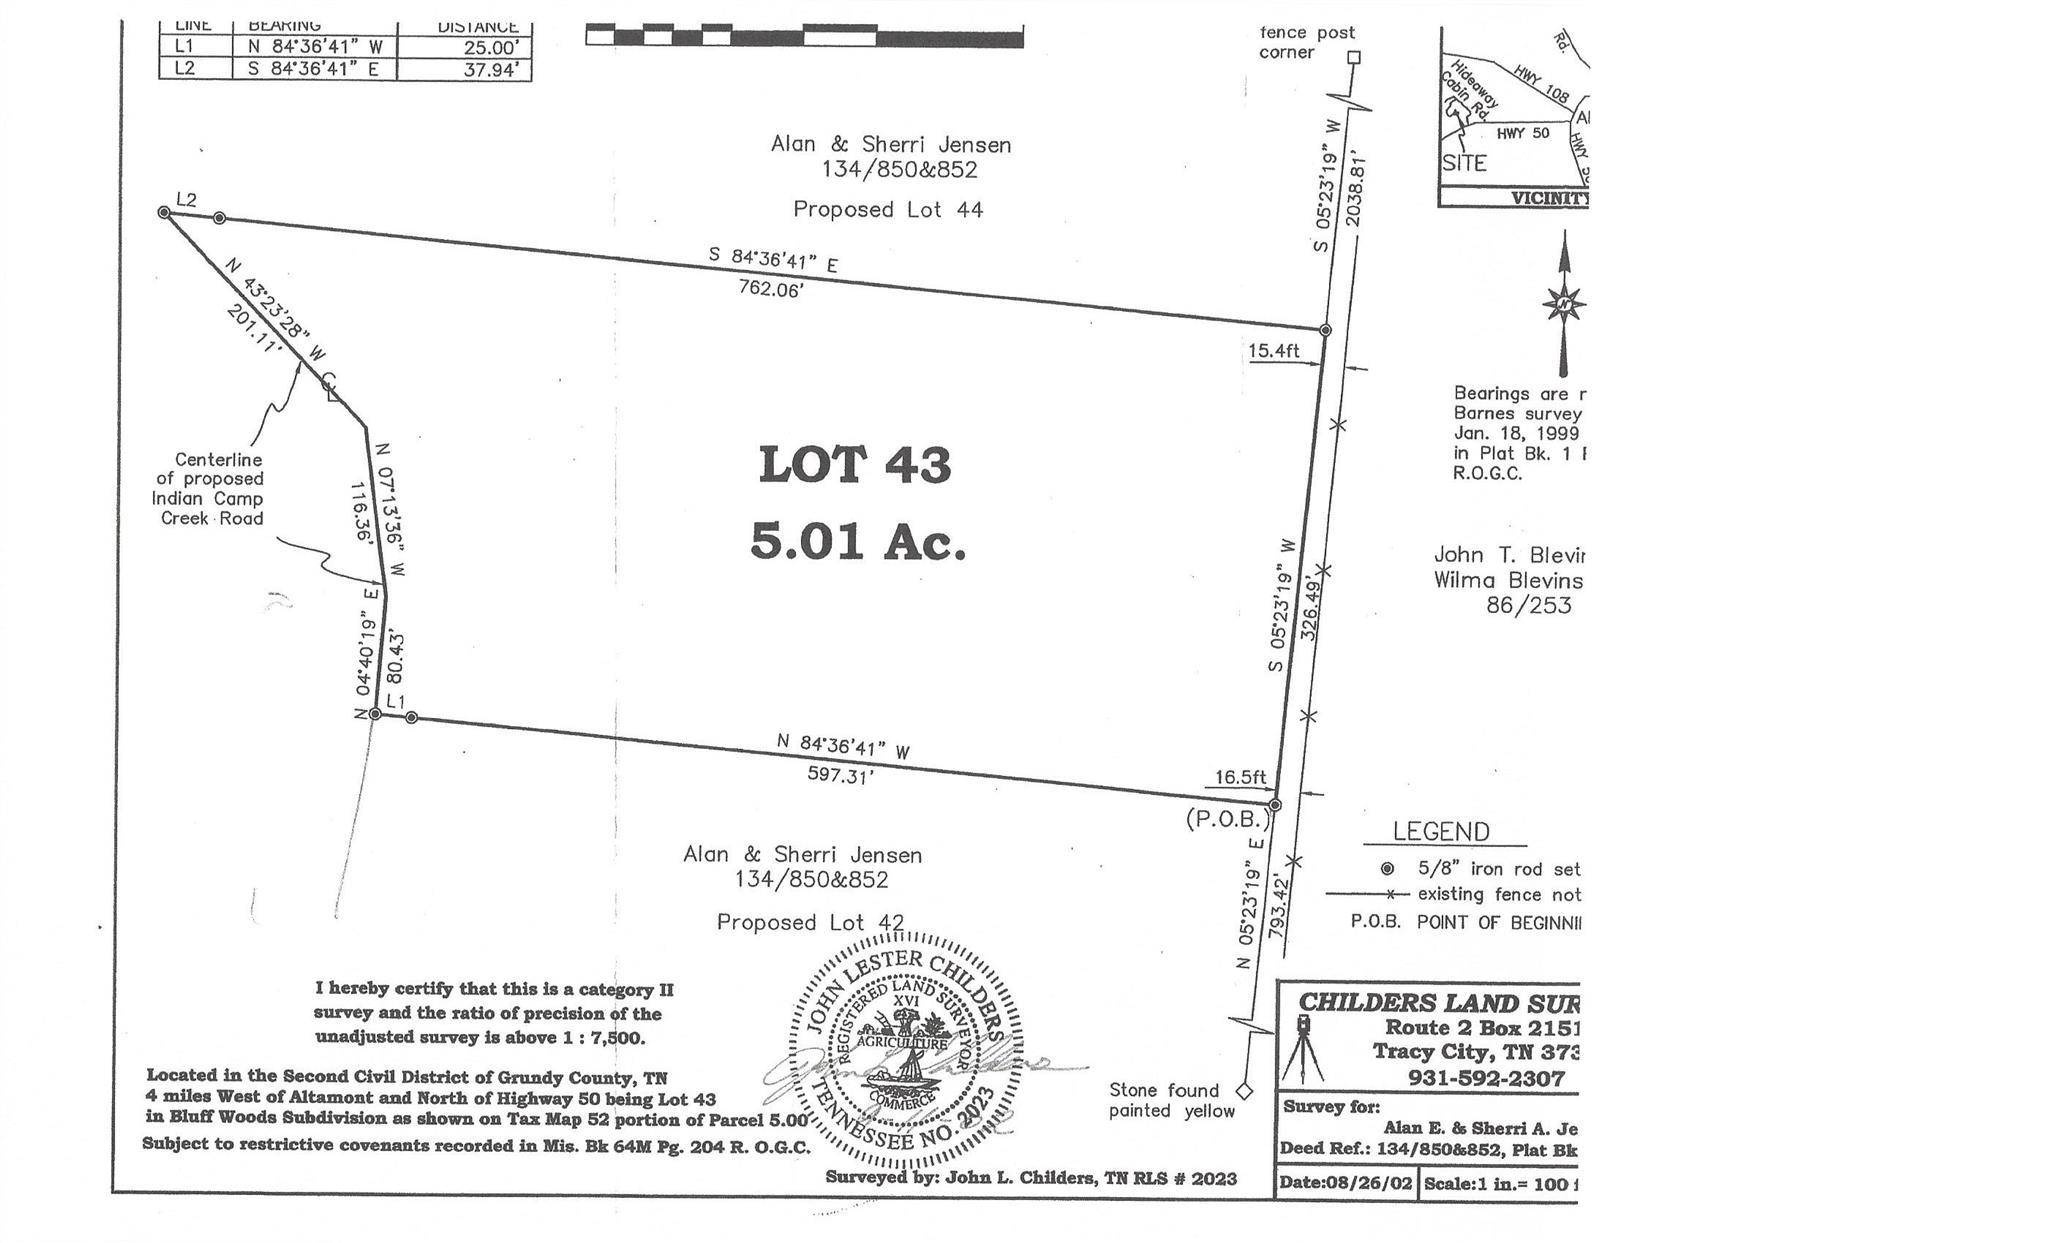 43 Bluff Woods Altamont, TN 37301